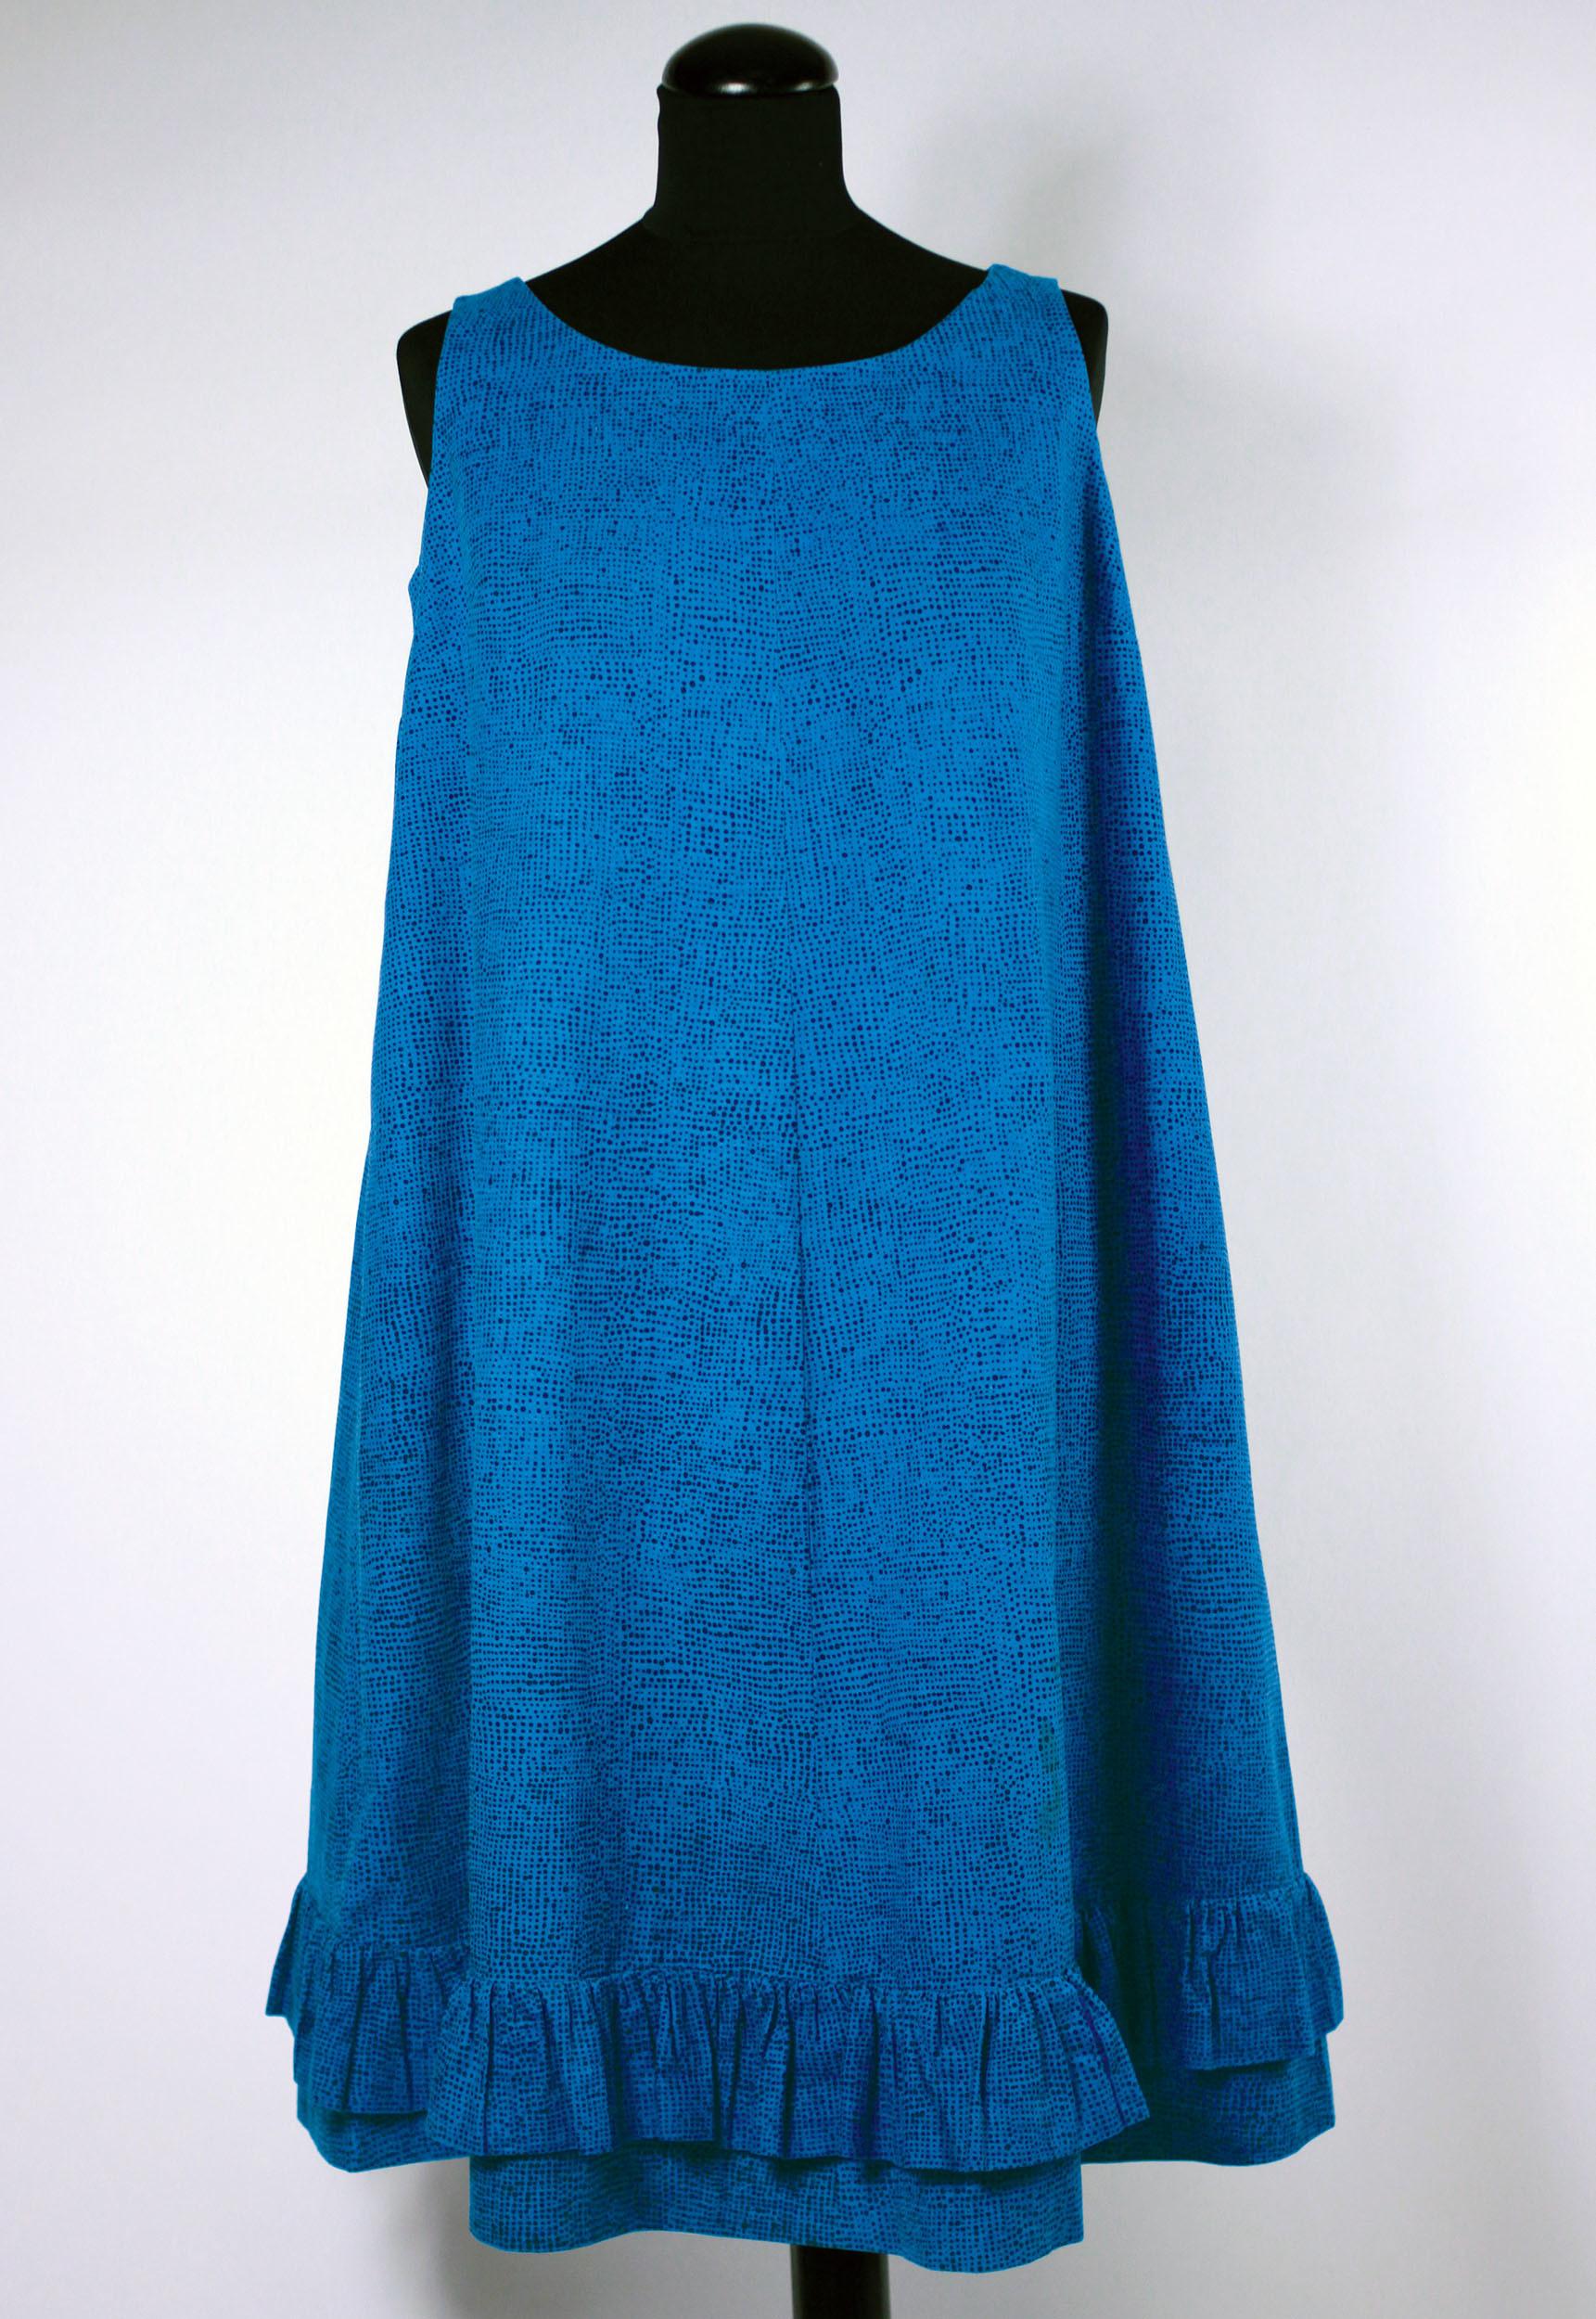 ジャクリーン・ケネディーが購入したドレス≪ヘイルヘルマ≫、1959年  ファブリック≪ナスティ≫(小さな無頭釘)、1957年、 服飾・図案デザイン:ヴオッコ・ヌルメスニエミ  Design Museum / Harry Kivilinna